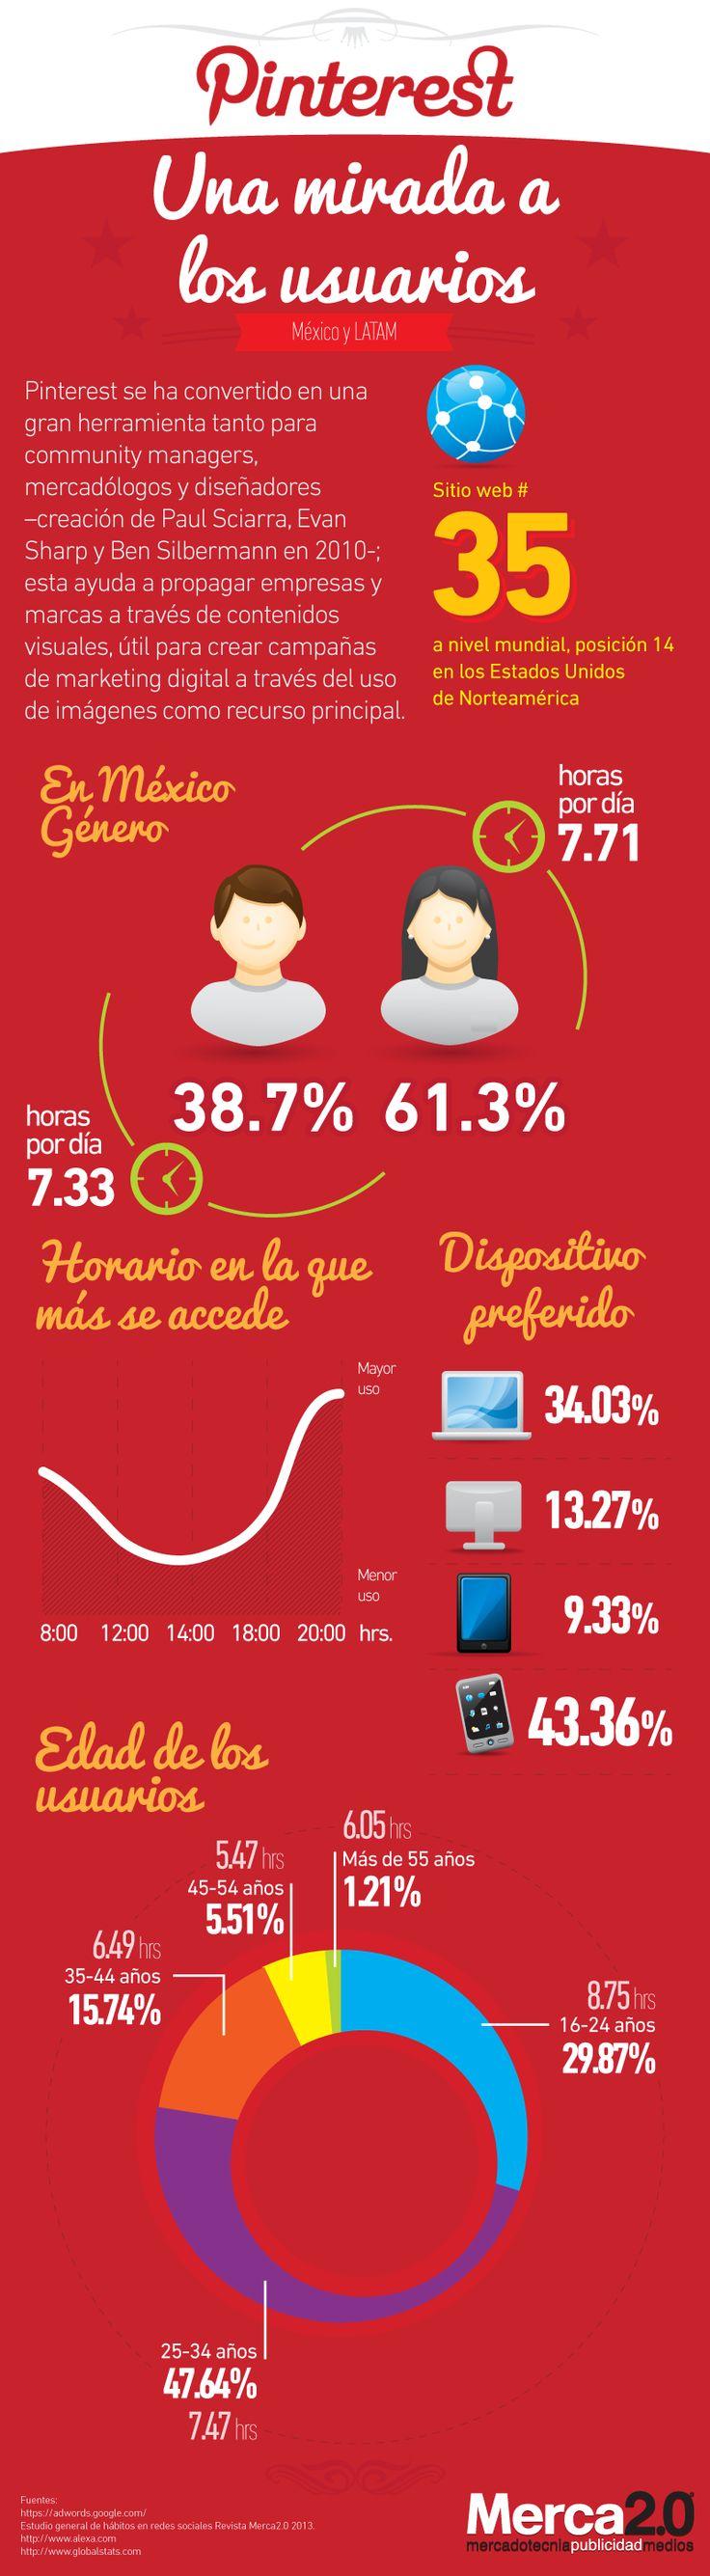 Pinterest en México y Latinoamérica #infografia #infographic #socialmedia